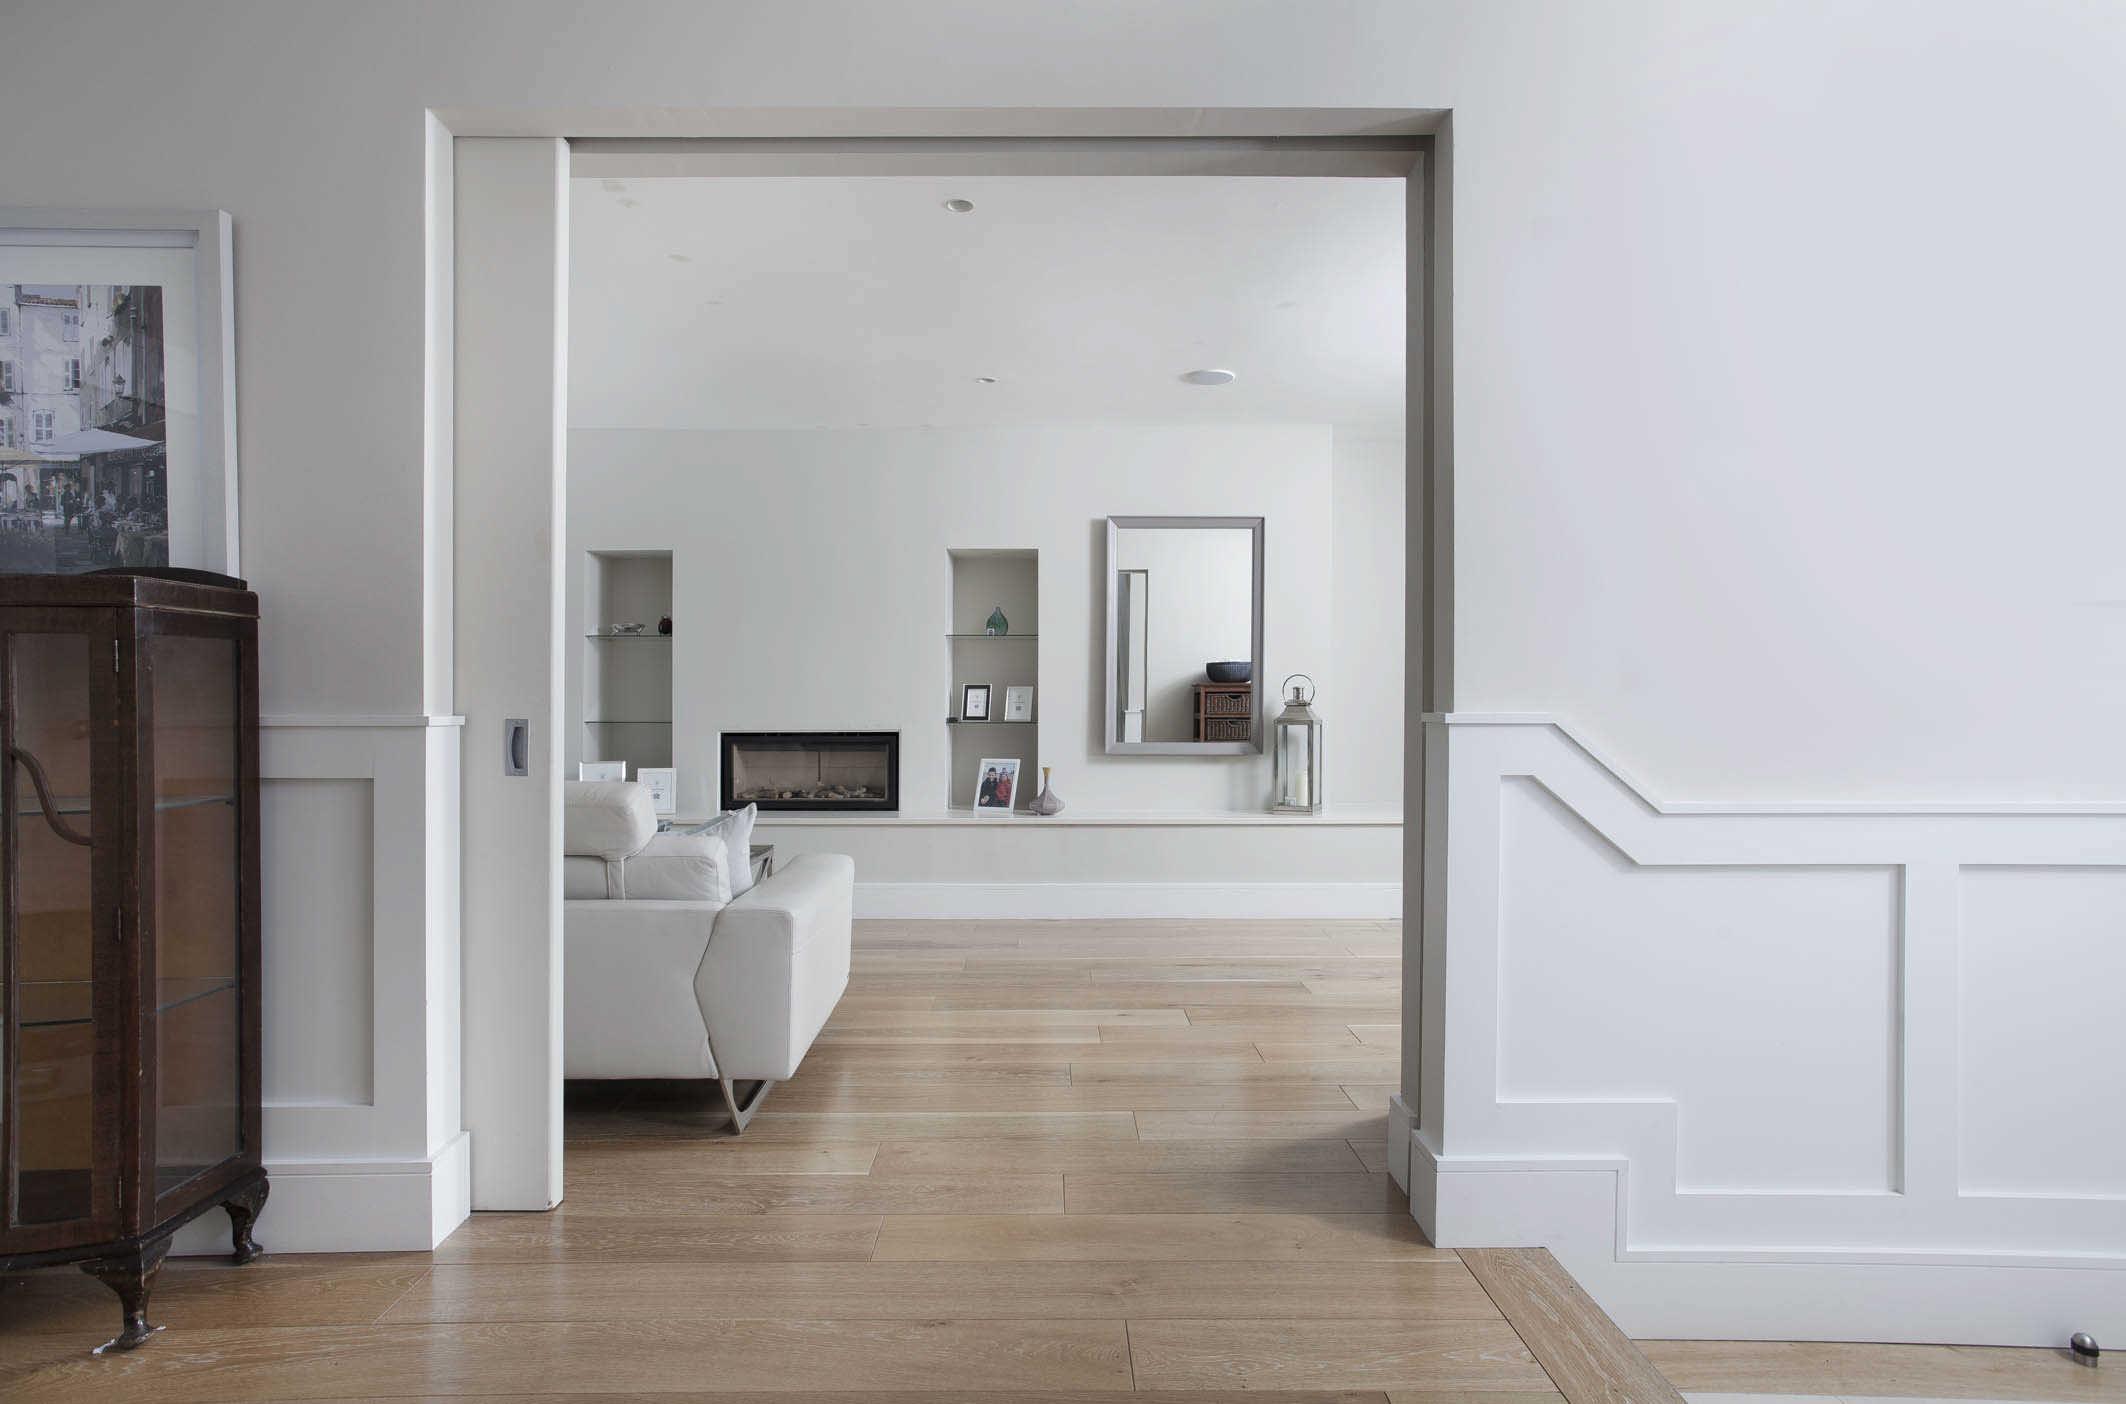 Dimensioni Finestre Camera Da Letto porte scorrevoli • guida completa: tipologie, idee, prezzi